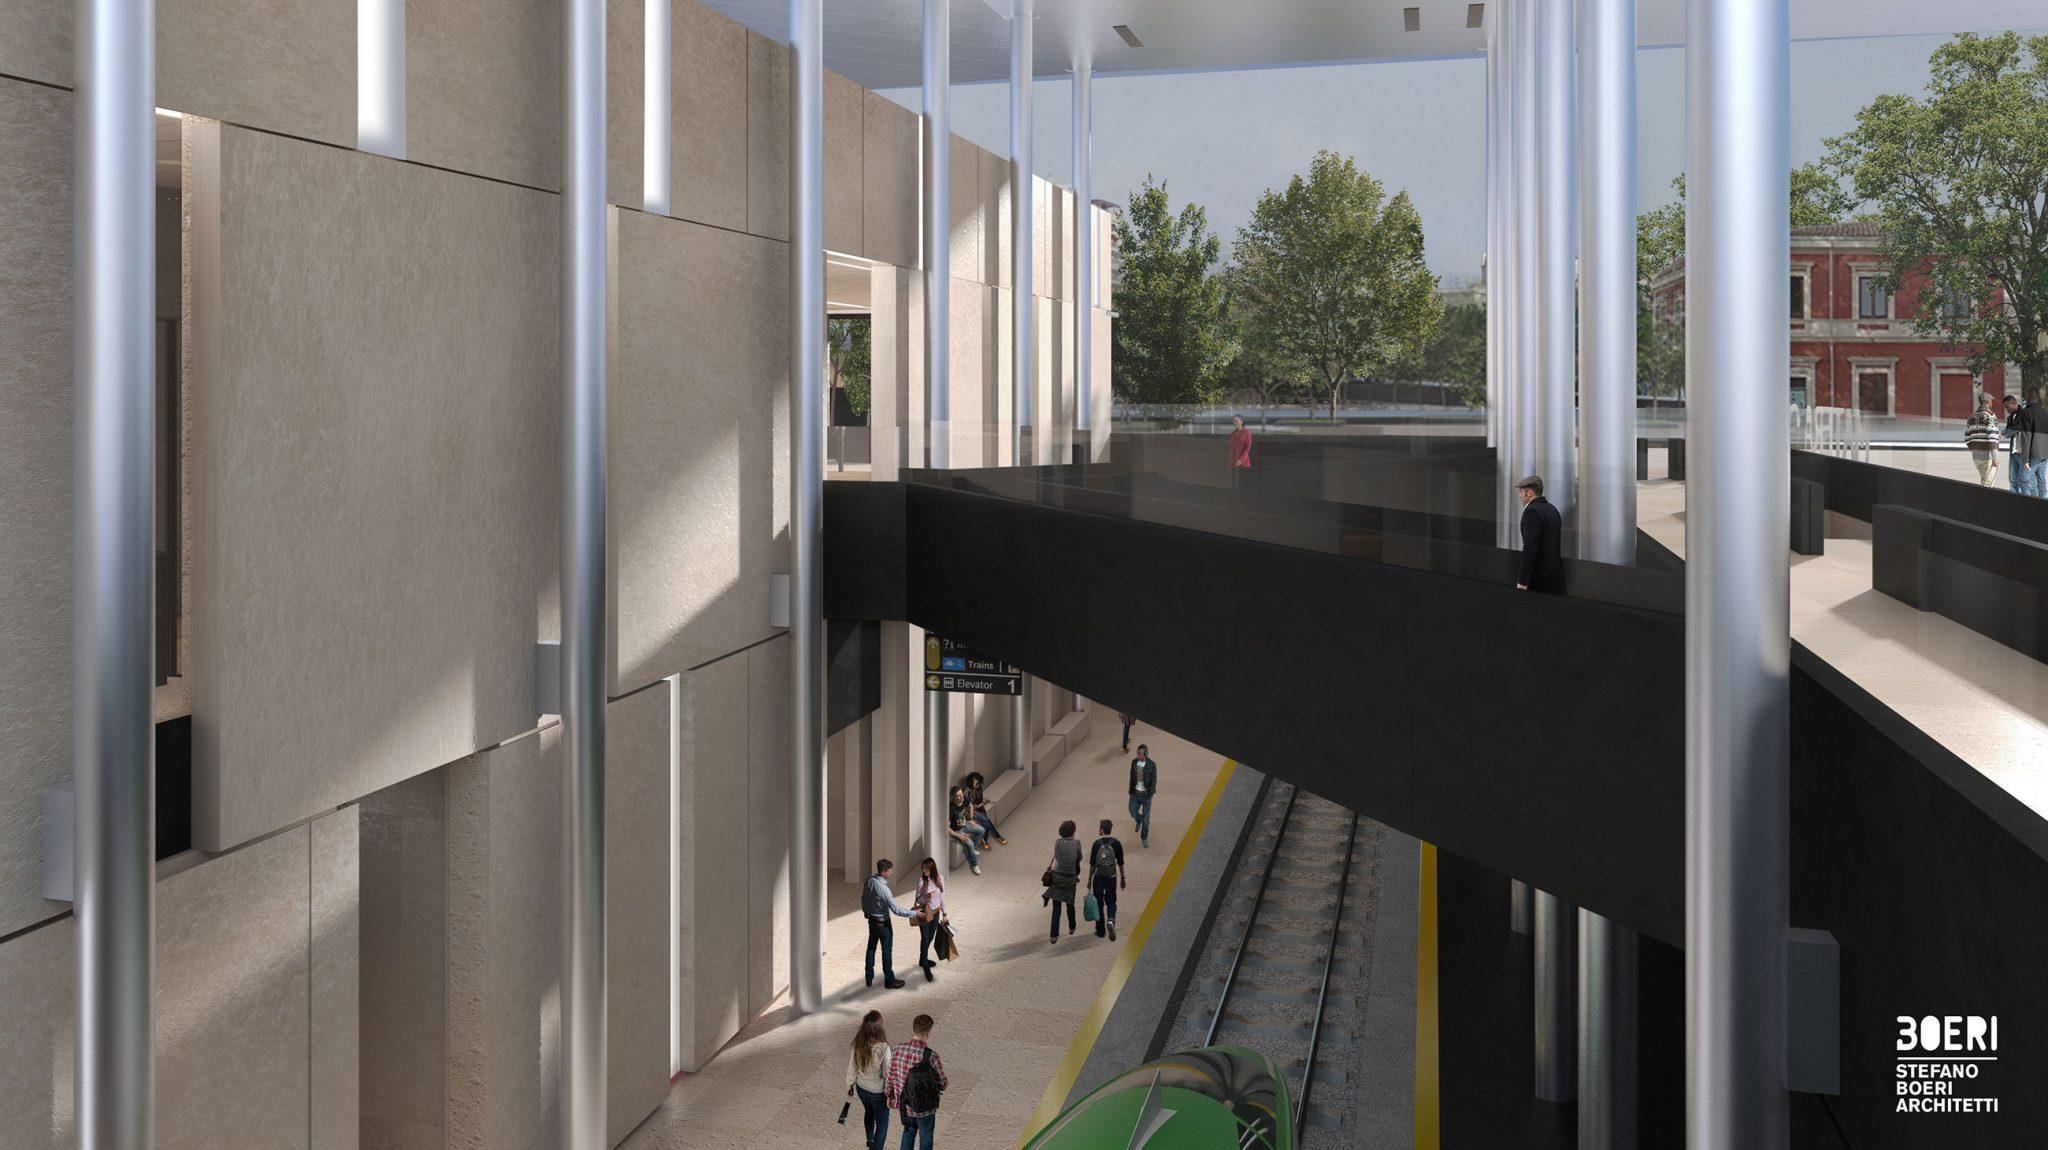 Stazione matera centrale stefano boeri architetti interni for Architetti d interni famosi